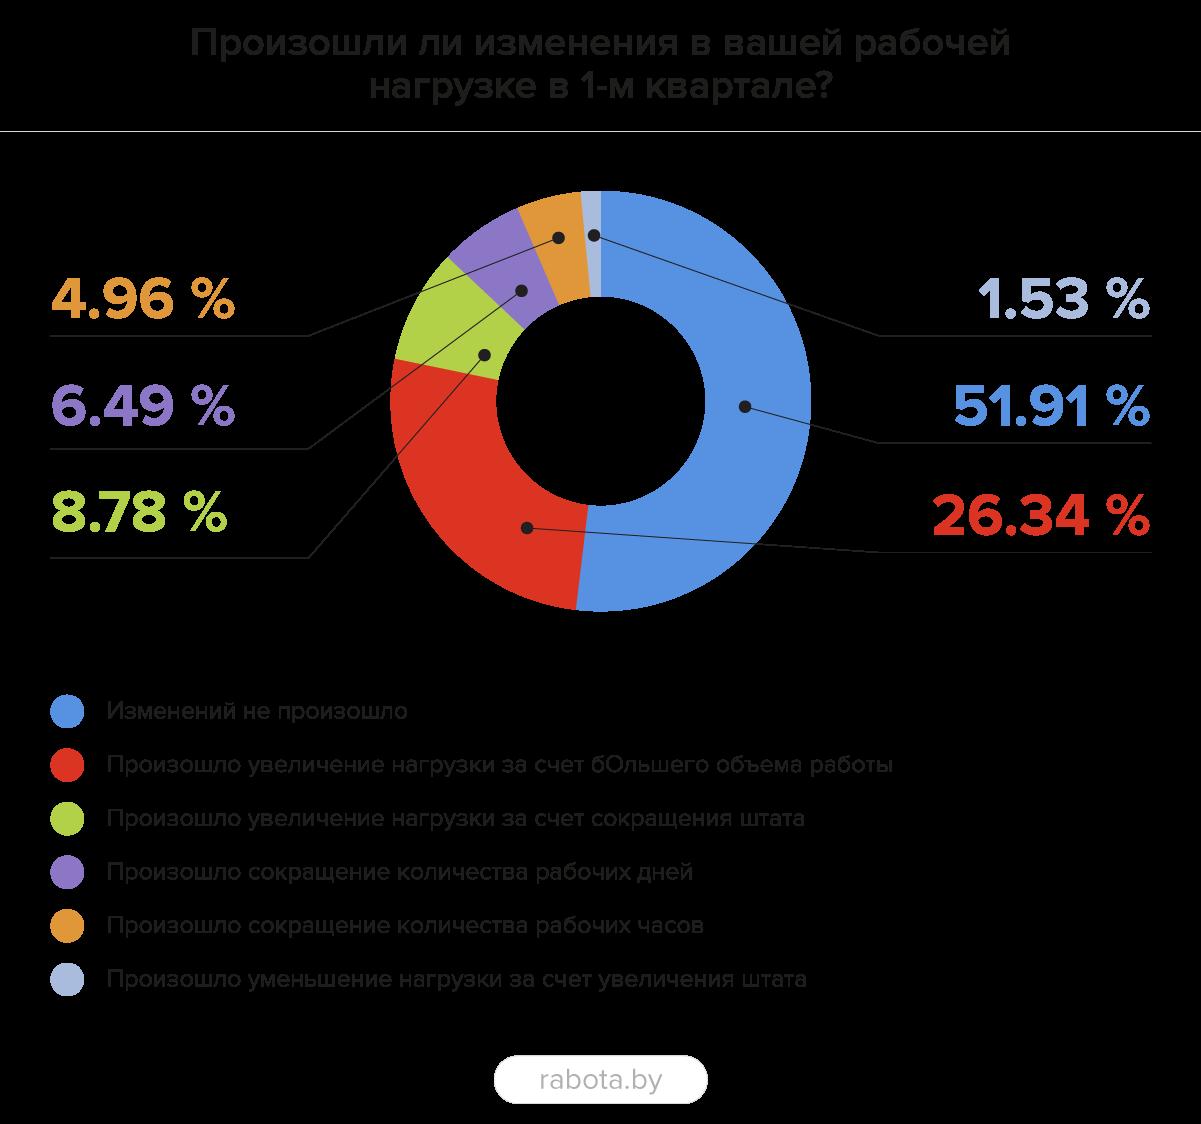 Результаты опроса: в 1 квартале заработная плата сократилась у 30% специалистов